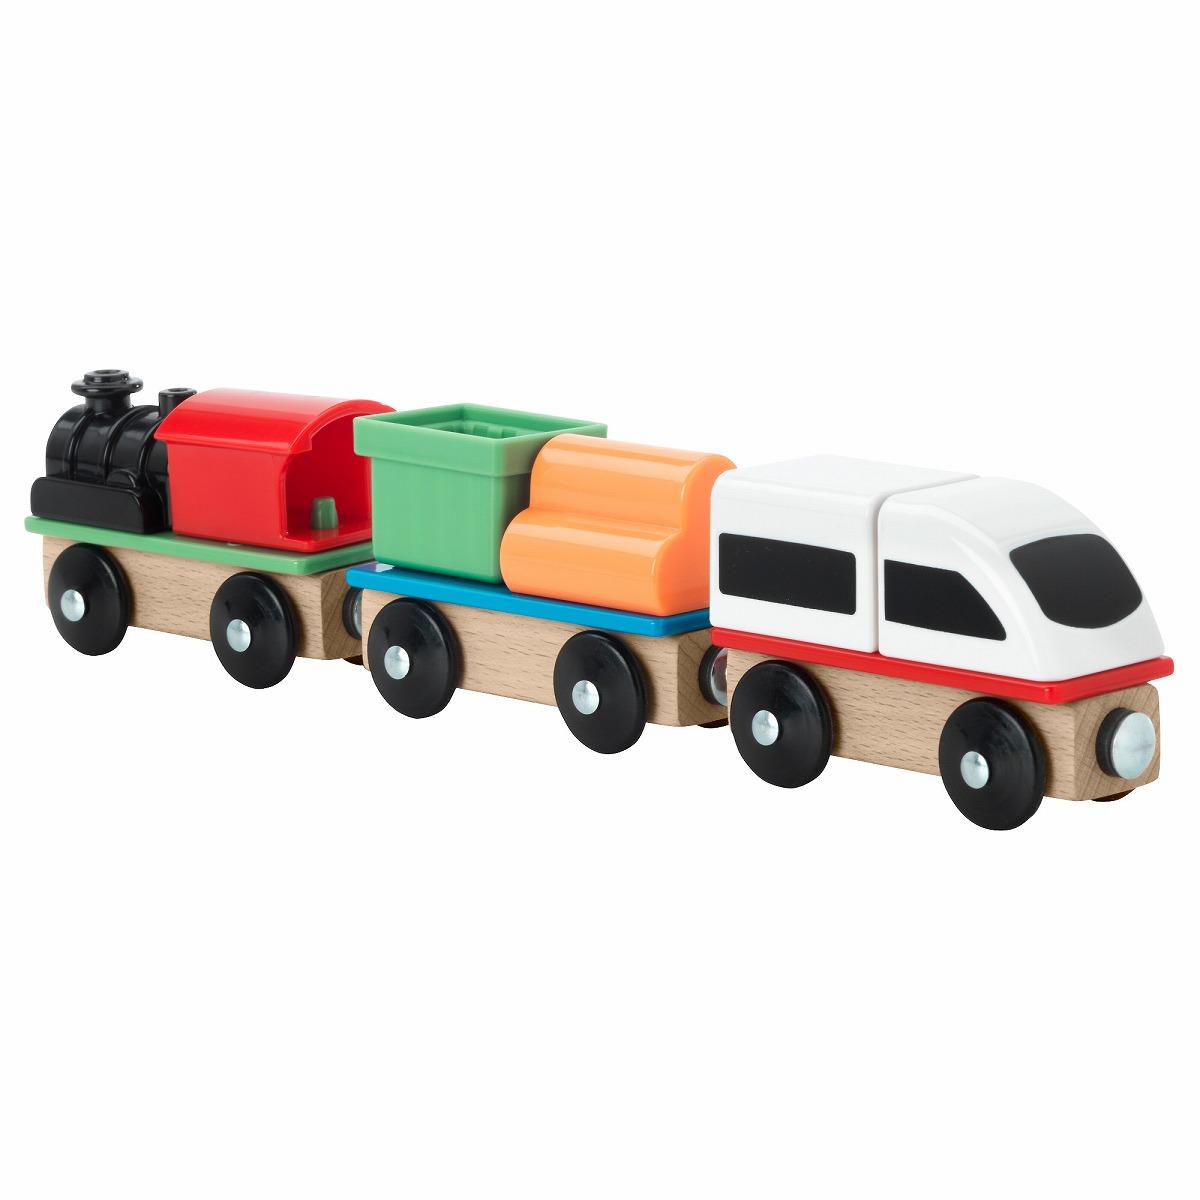 送料無料 IKEA イケア ベビー おもちゃ 実物 知育玩具 LILLABO 正規品スーパーSALE×店内全品キャンペーン 3ピース 電車 列車セット セット z30320095